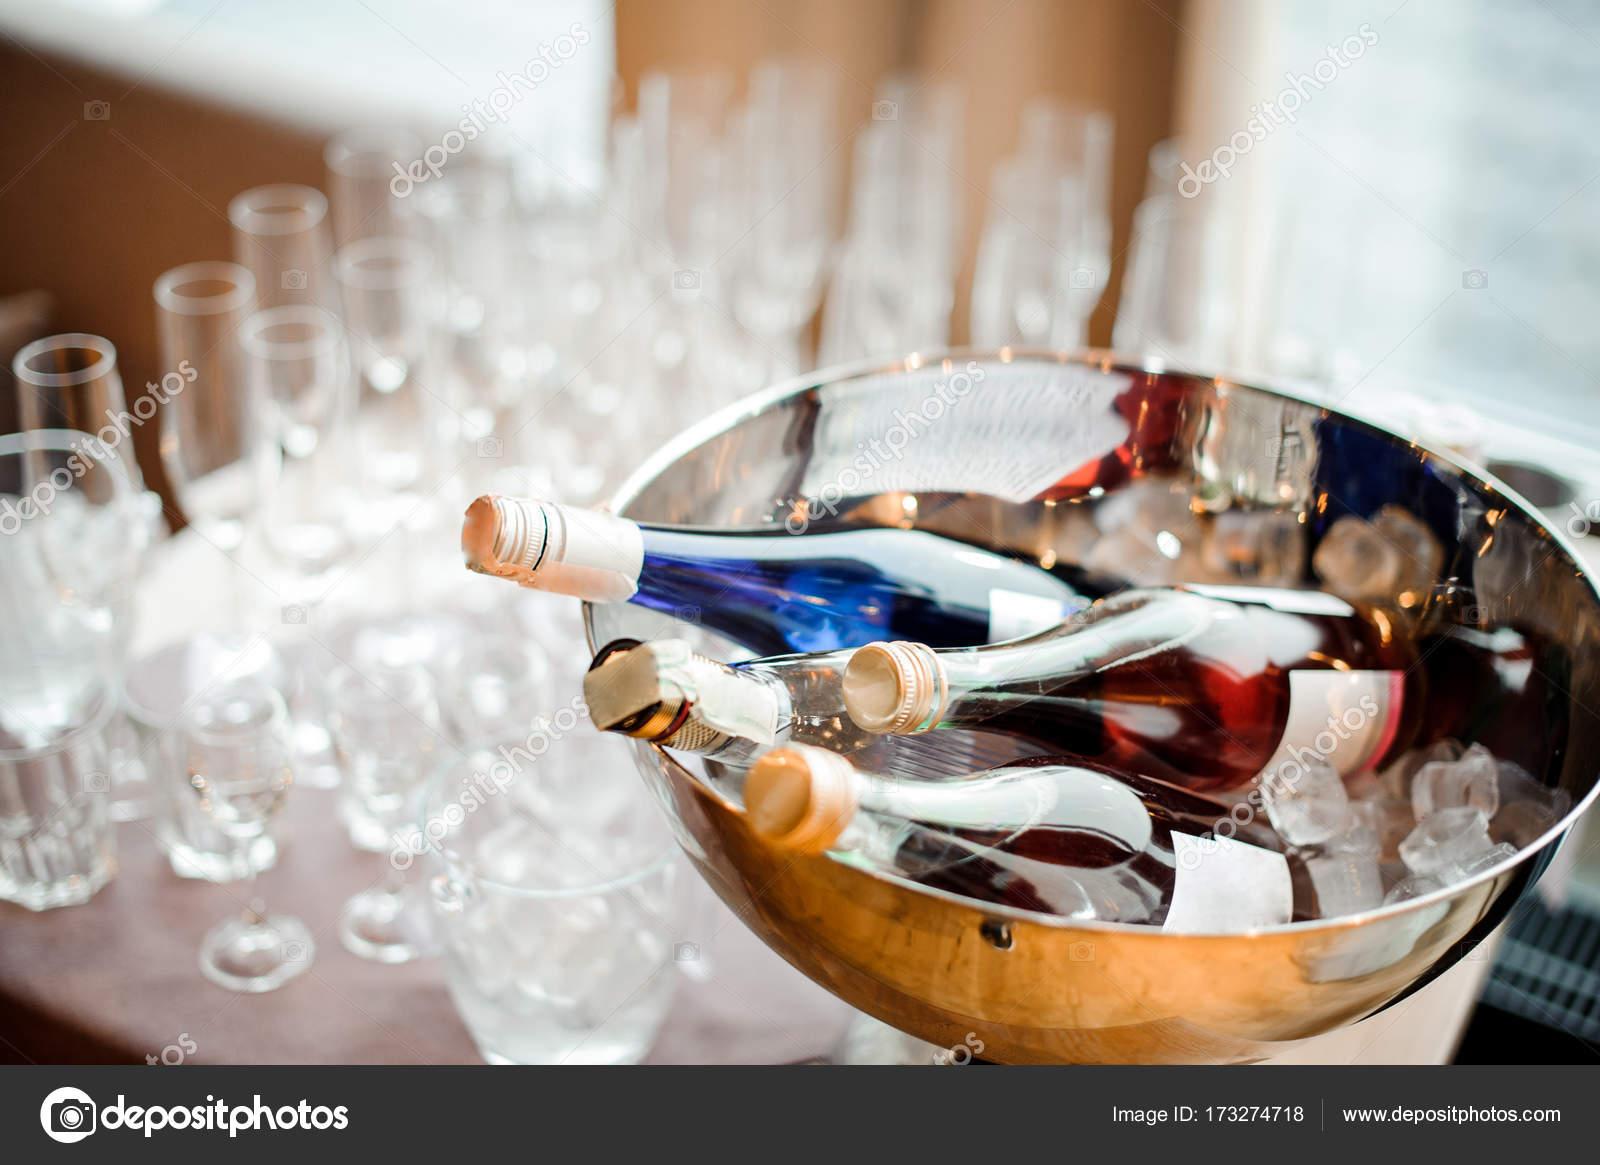 Botellas De Bebidas Alcoholicas Y Juego De Vasos Vacios En La Mesa